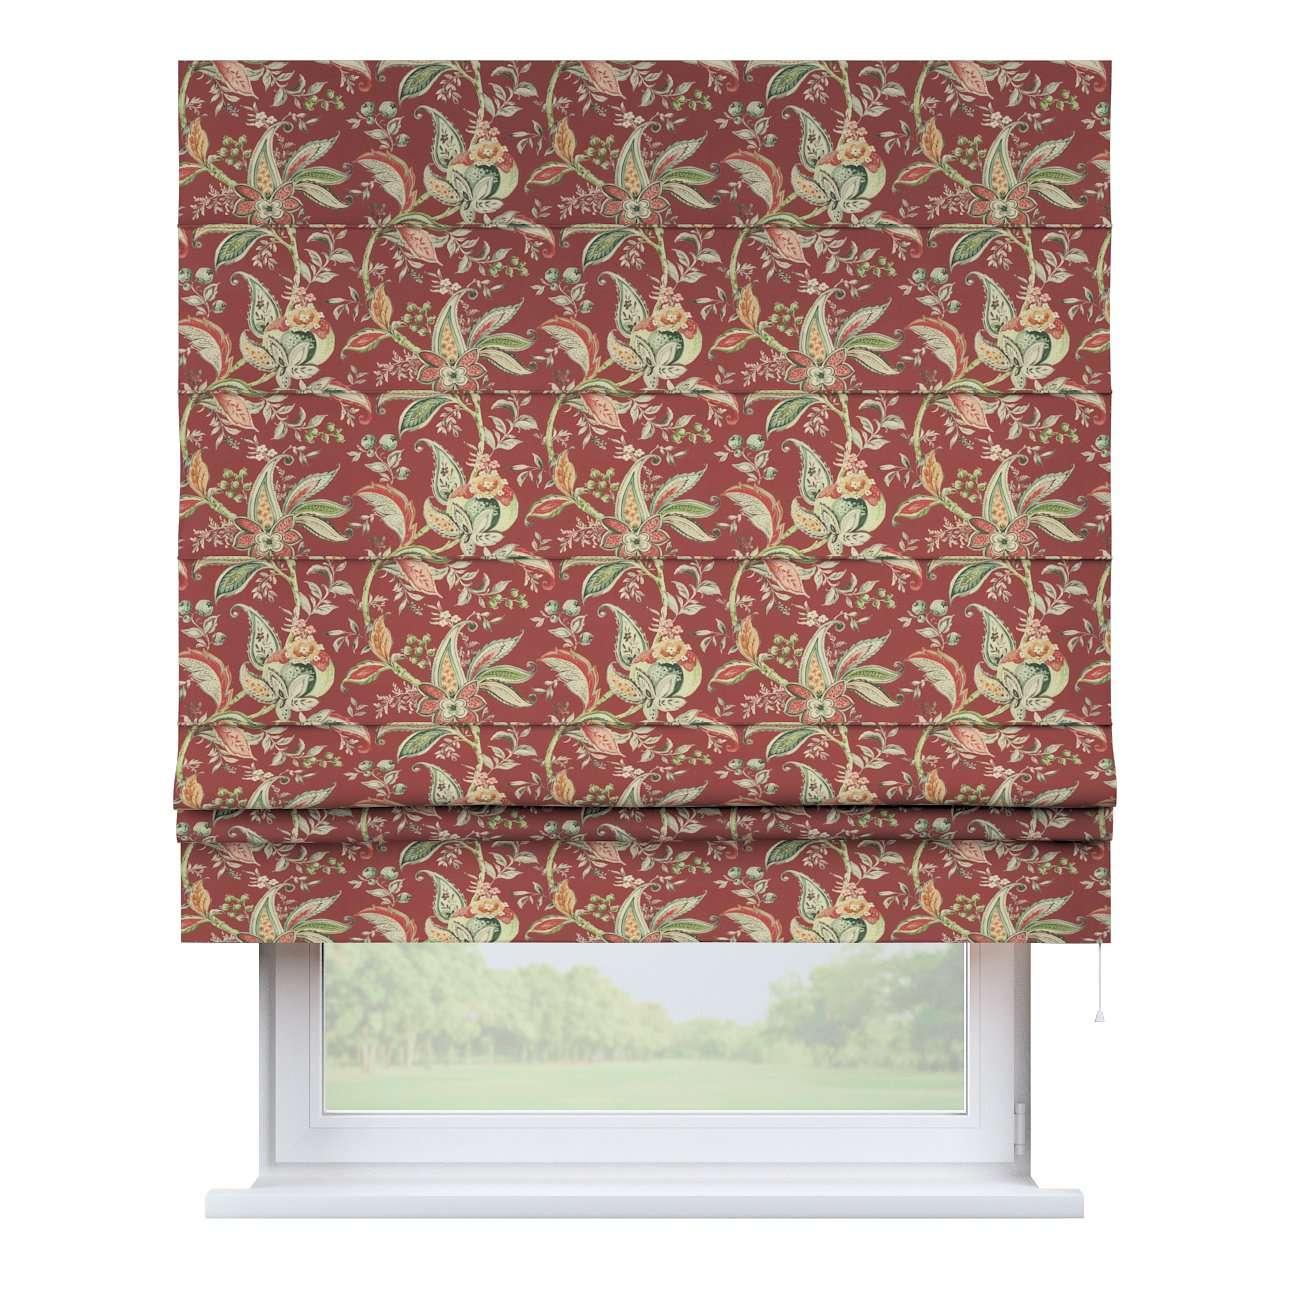 Raffrollo Padva von der Kollektion Gardenia, Stoff: 142-12